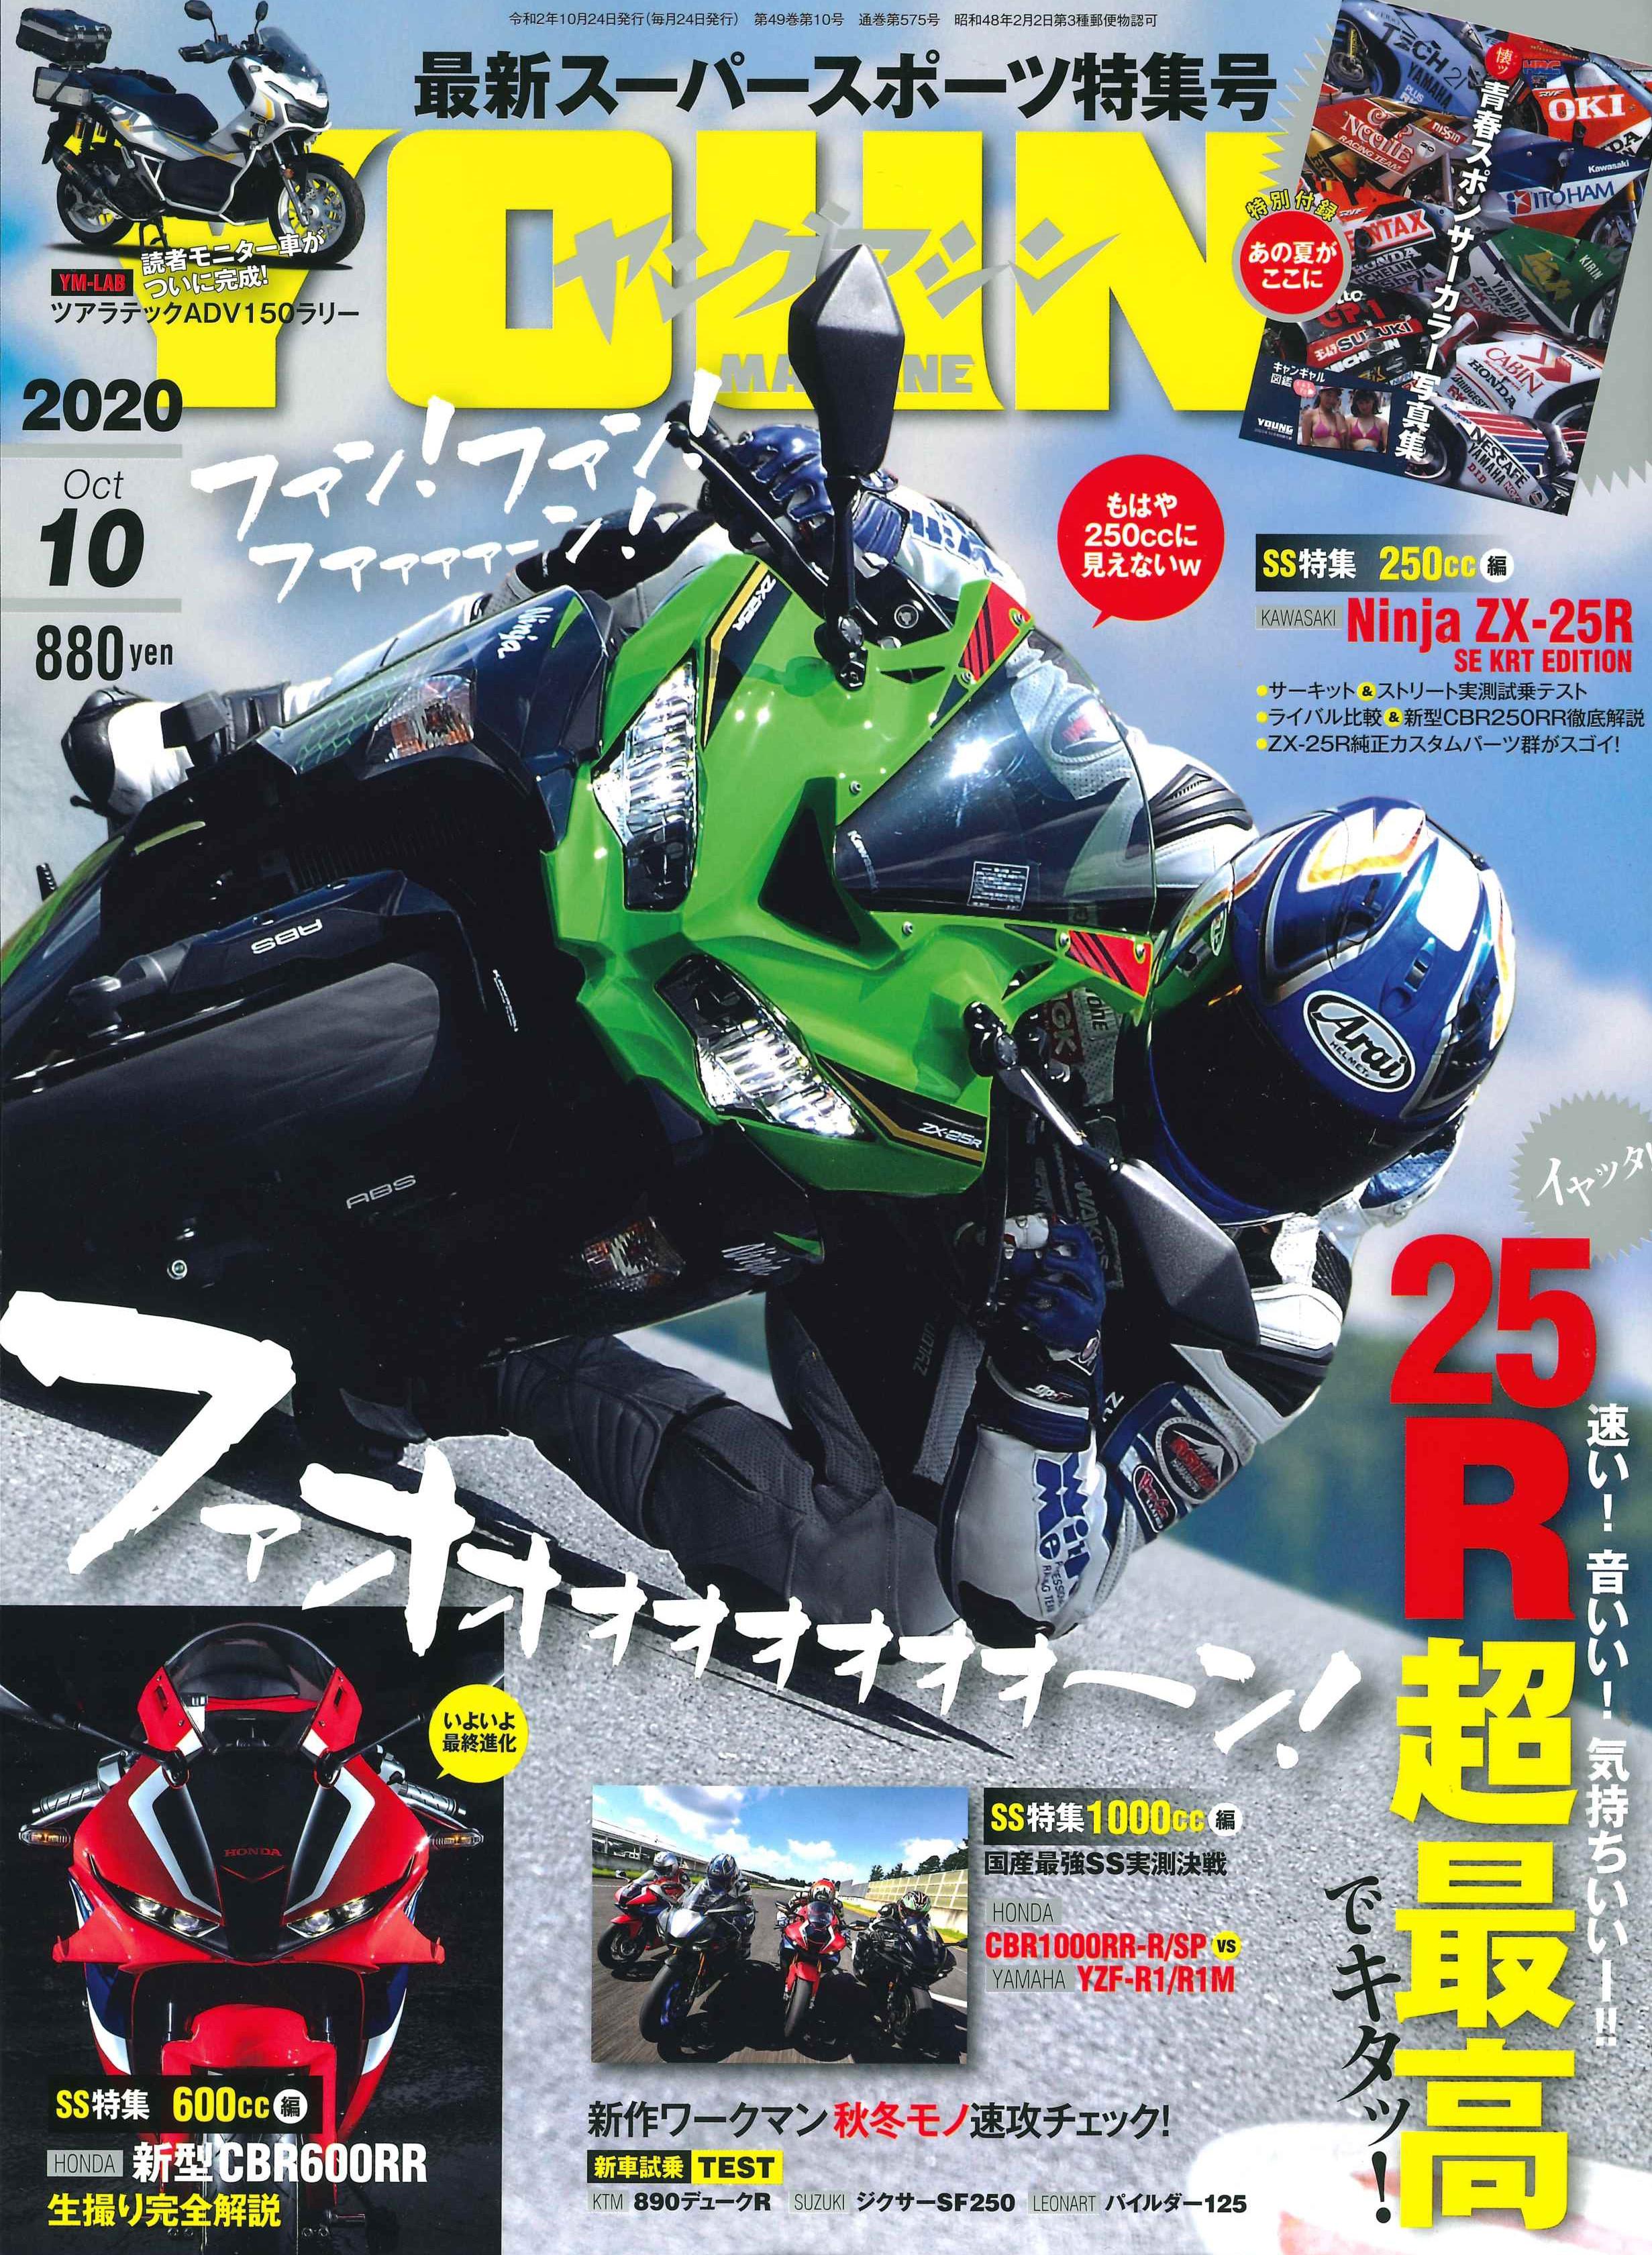 【ヤングマシン10月号掲載】『ヘルメットアタッチメントSHOEI用』